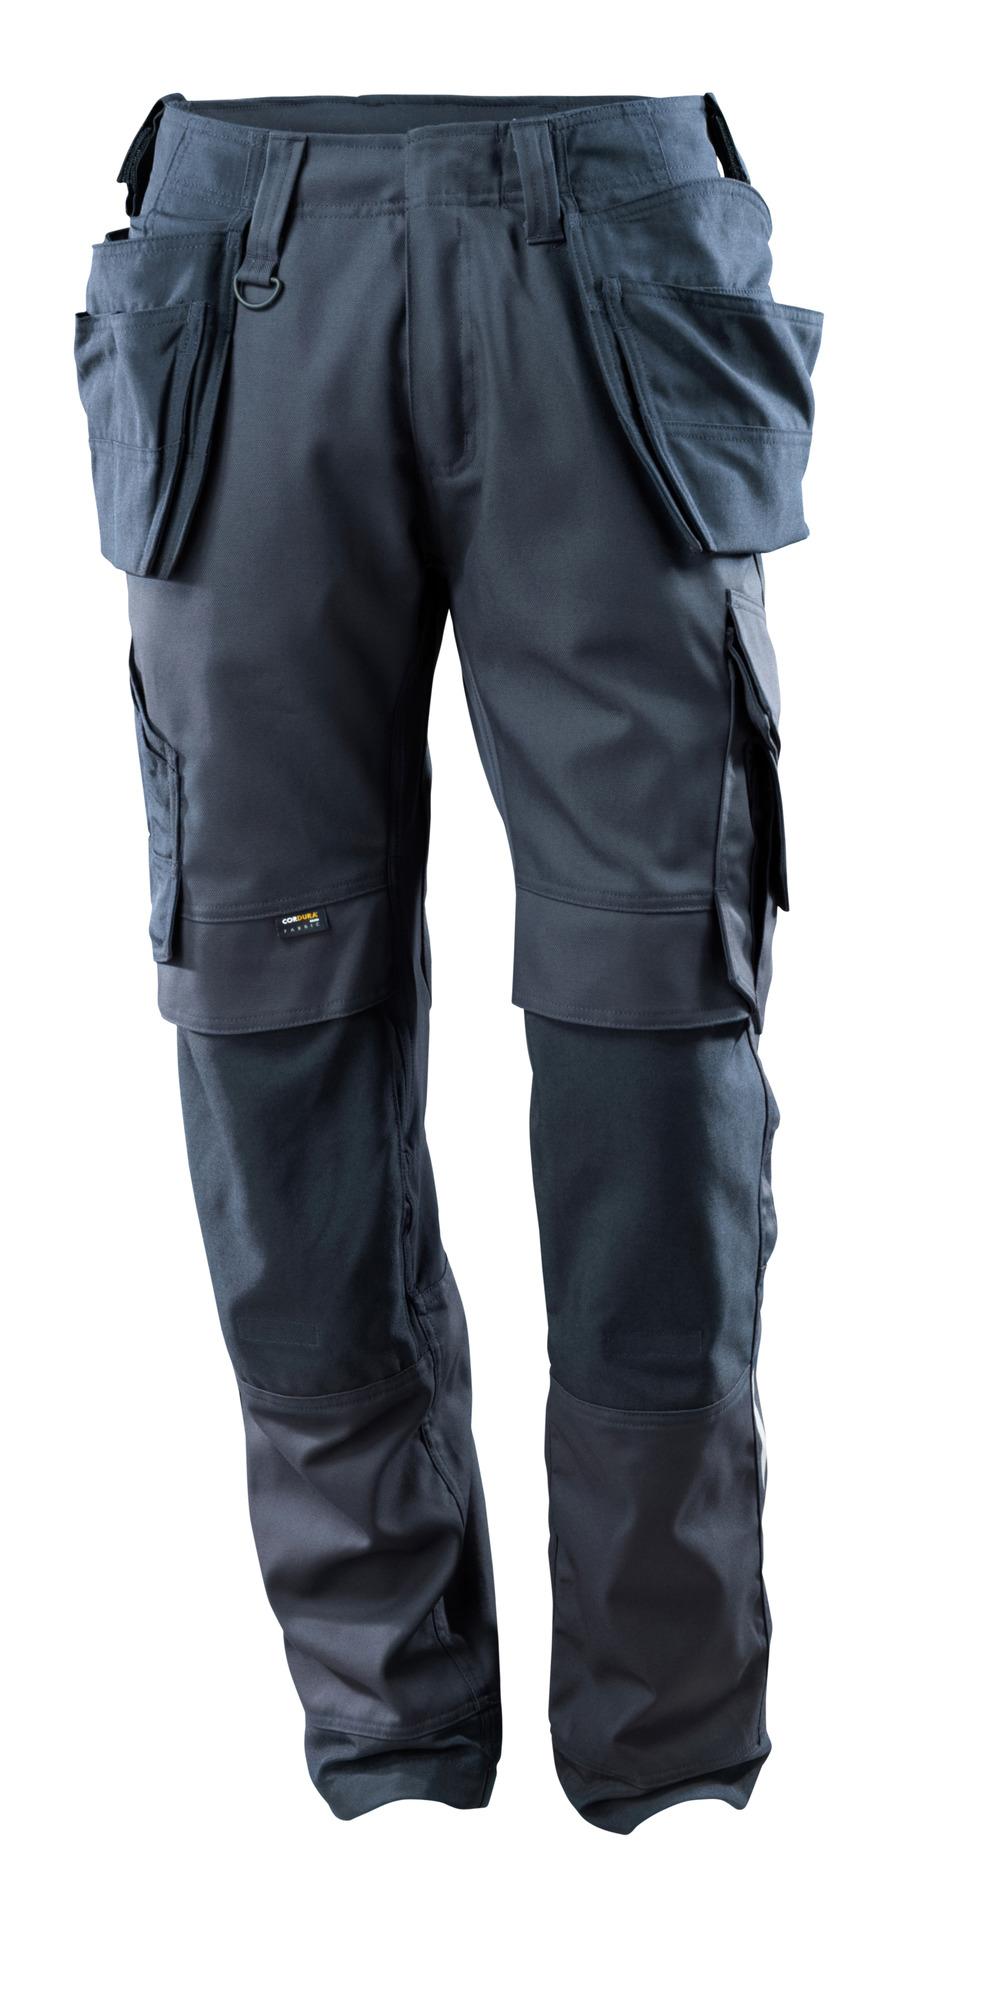 15031-010-010 Byxor med knä- och hängfickor - mörk marin